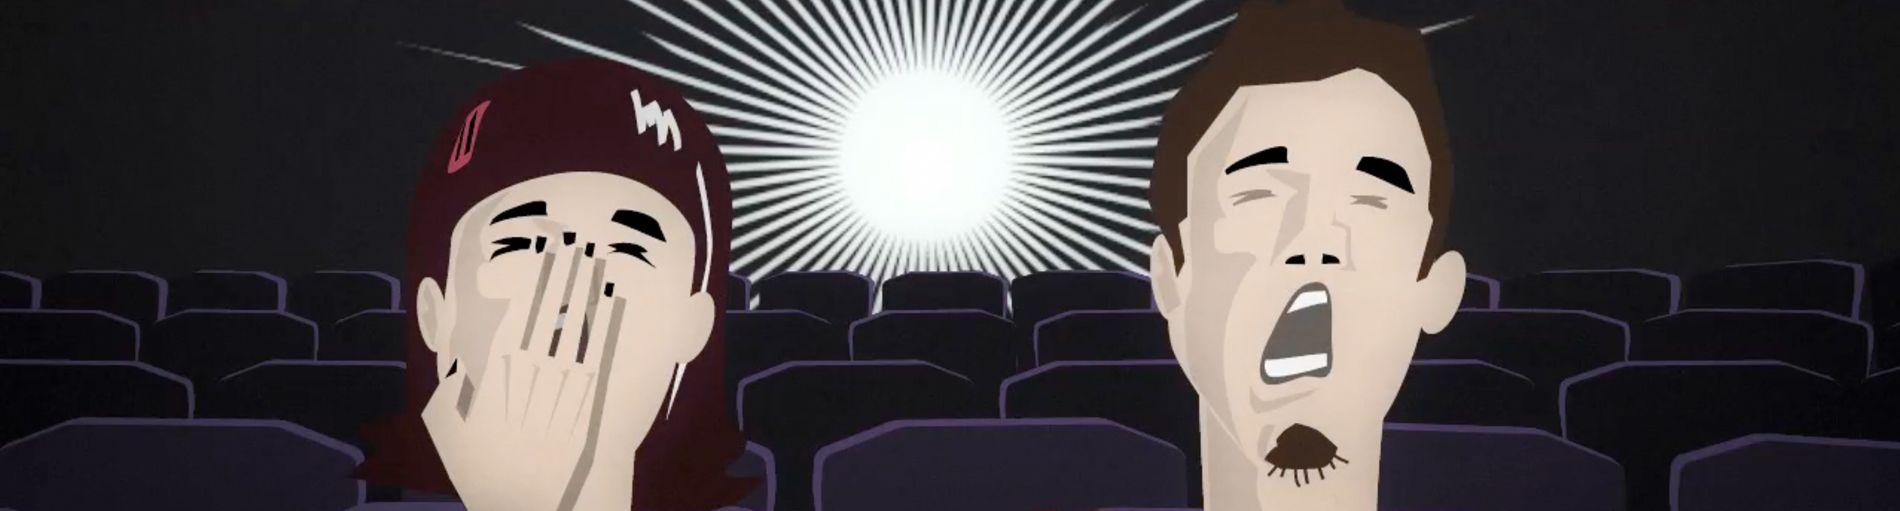 Zwei gezeichnete Menschen im Kino schreien entsetzt. Über ihnen steht das Wort Spiegelneuronen.